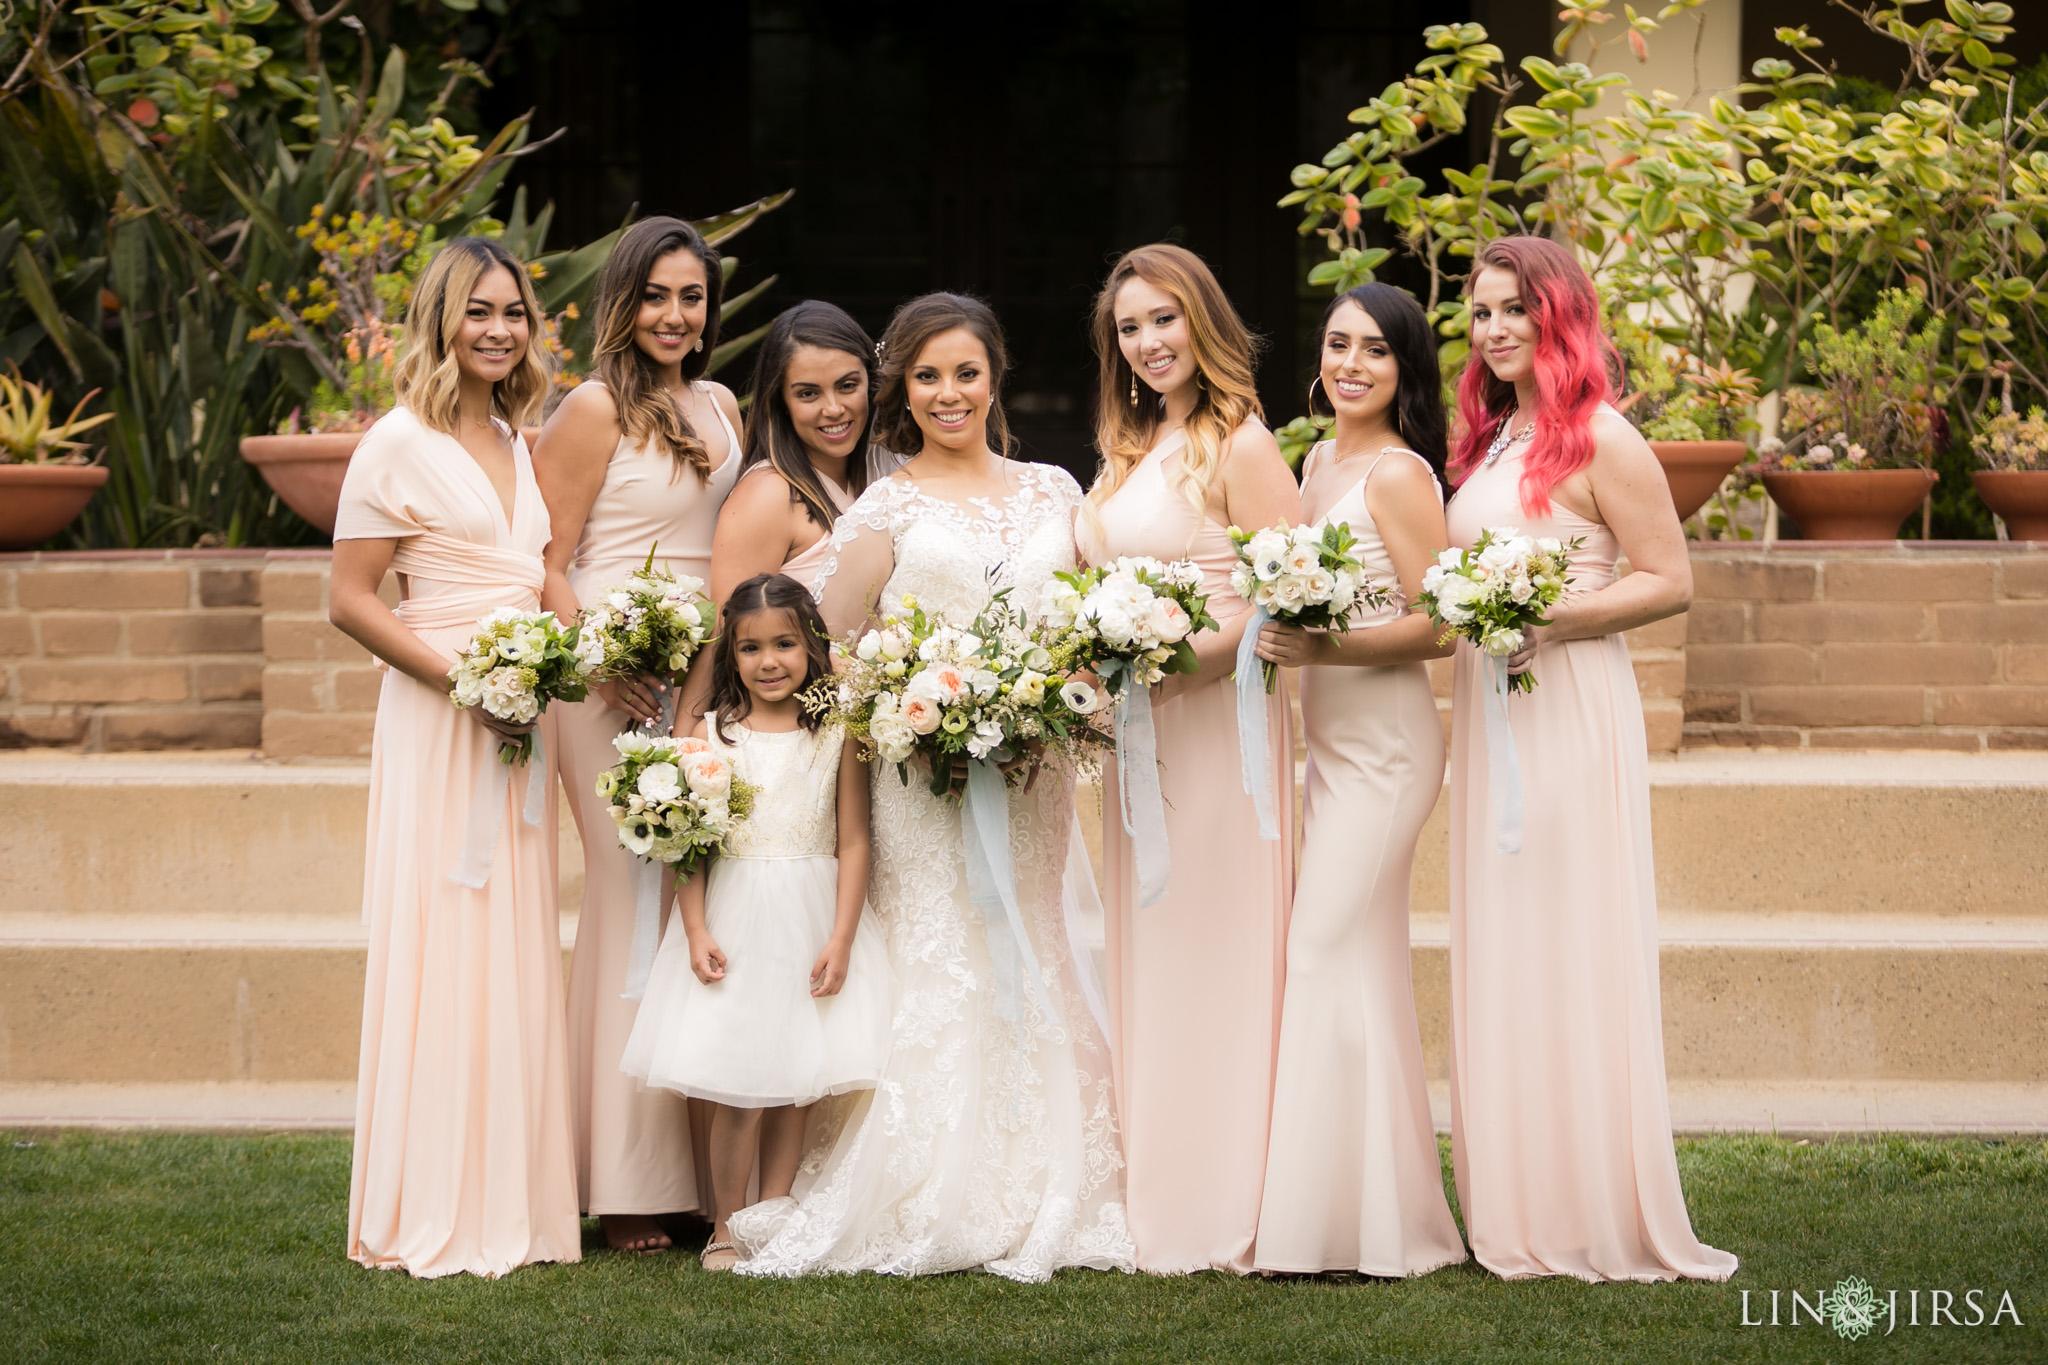 07 estancia la jolla hotel and spa bridesmaids wedding photography